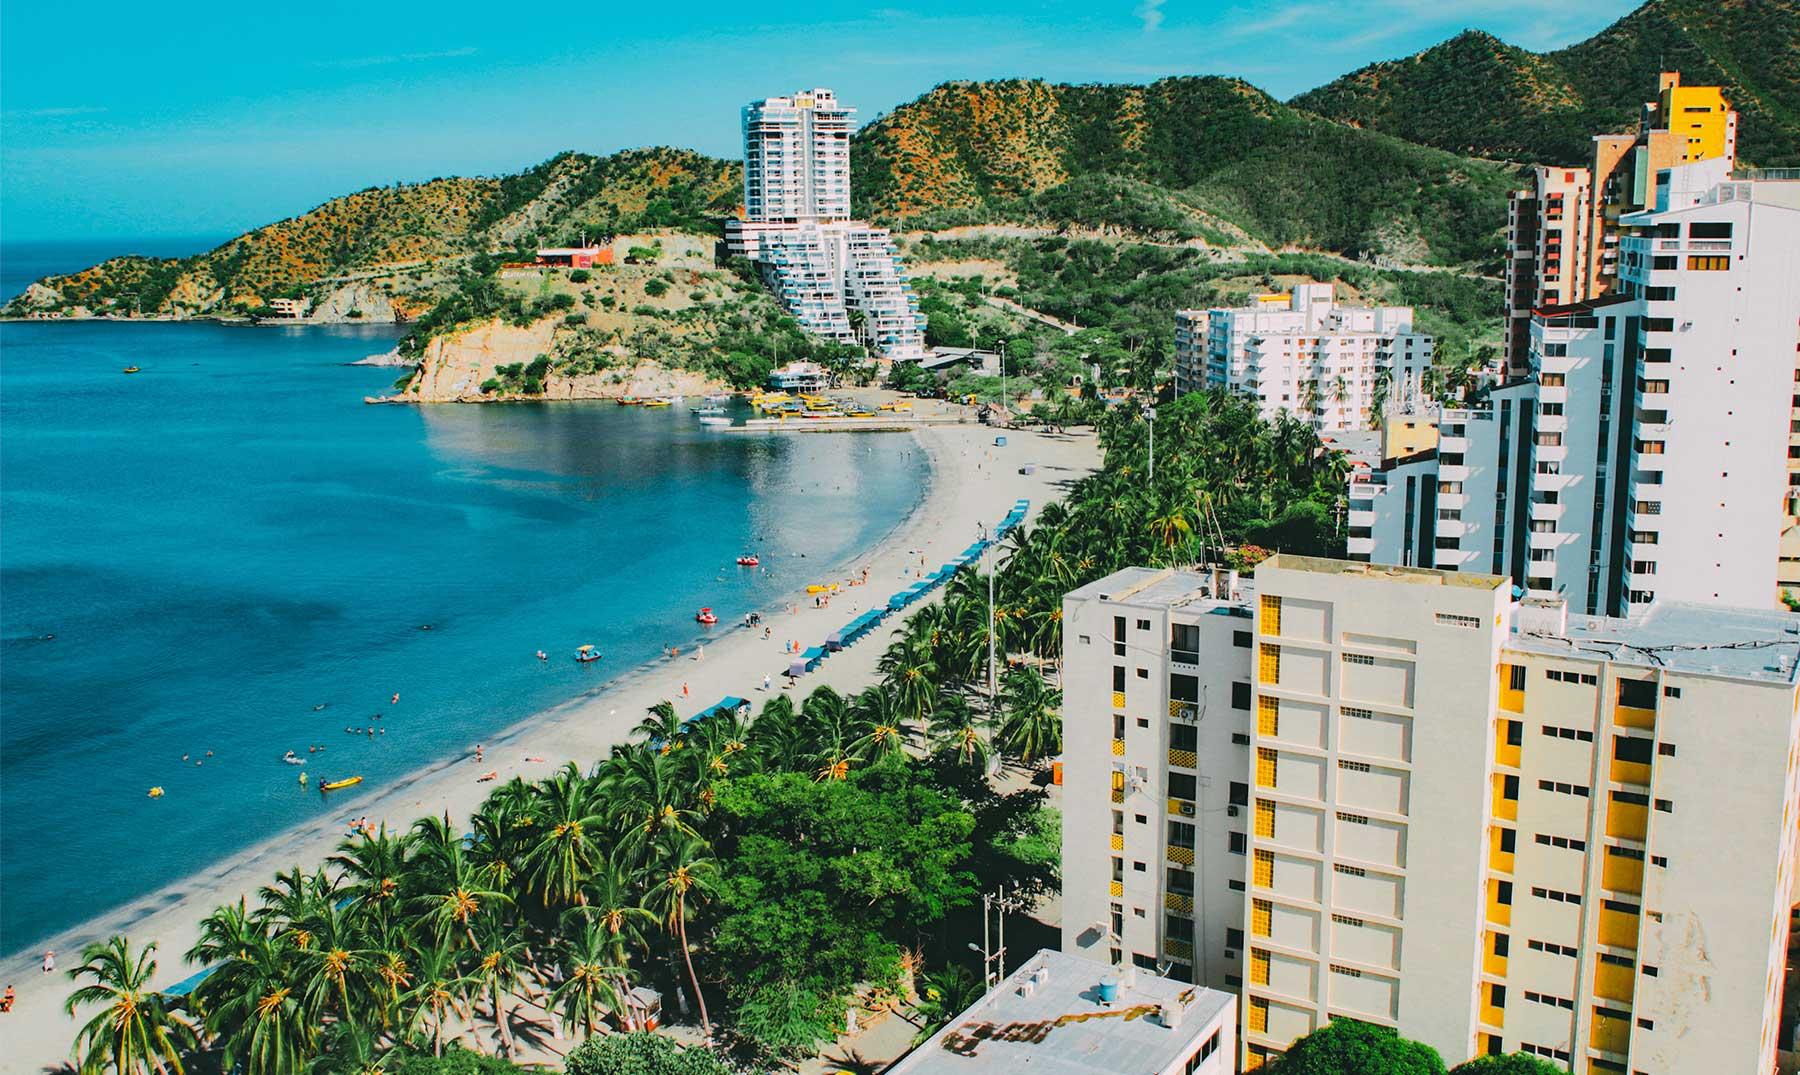 Qué ver en Santa Bárbara | 20 Lugares imprescindibles